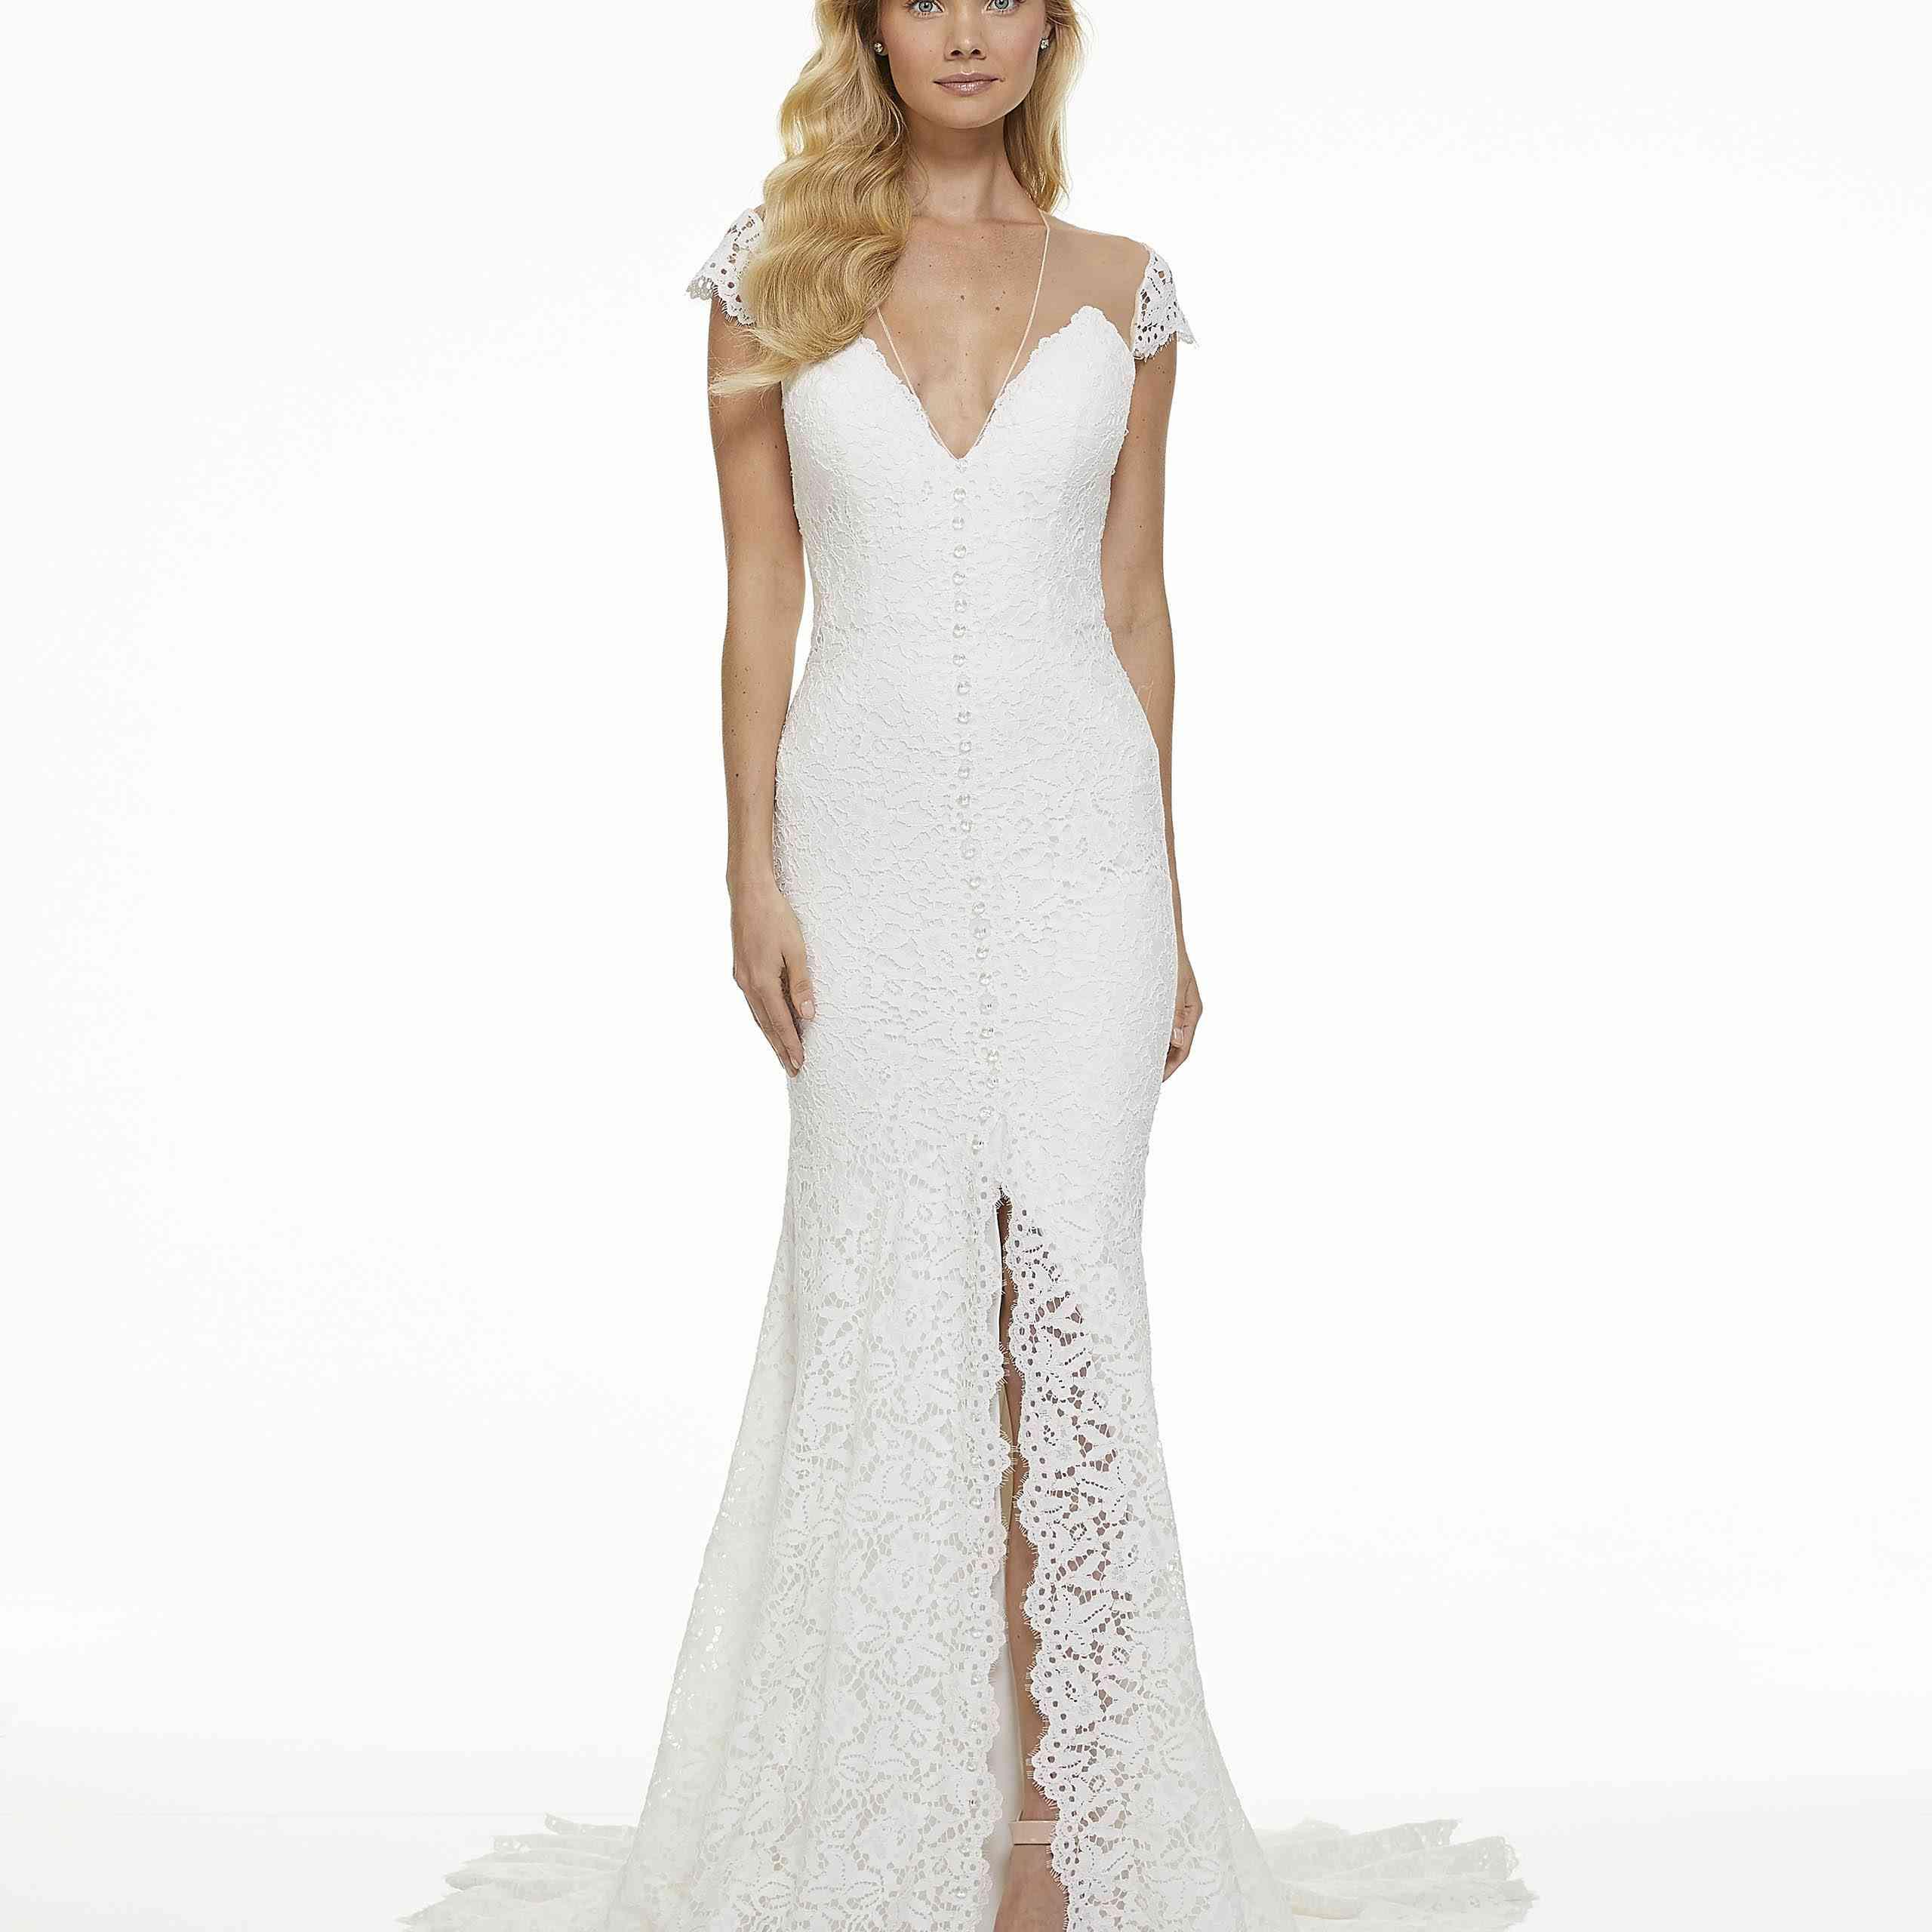 Model in lace cap sleeve wedding dress